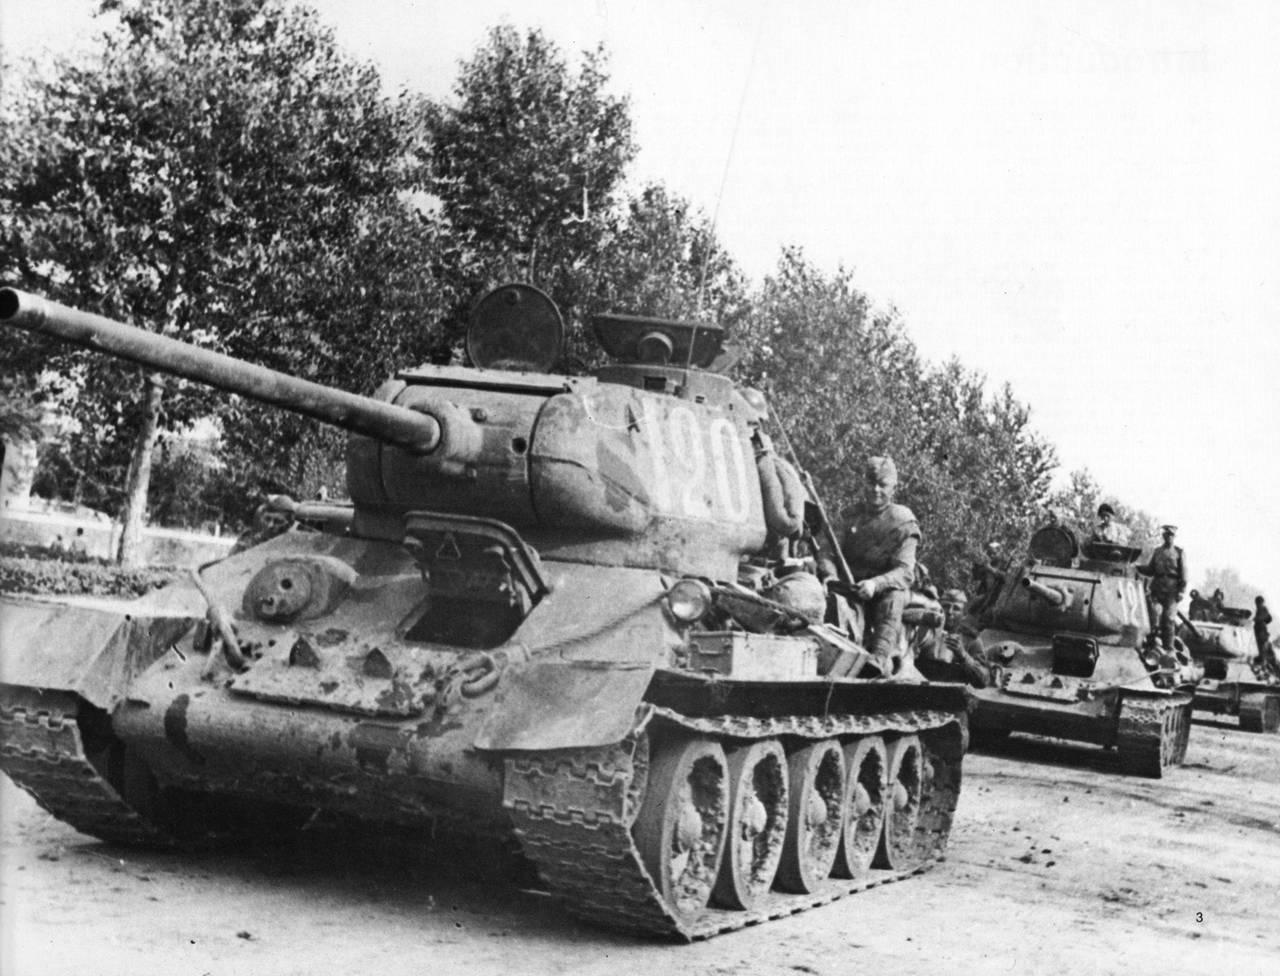 Новый премиумный танк СССР Т-34-85М :: Wot Journal - Мир танкистов